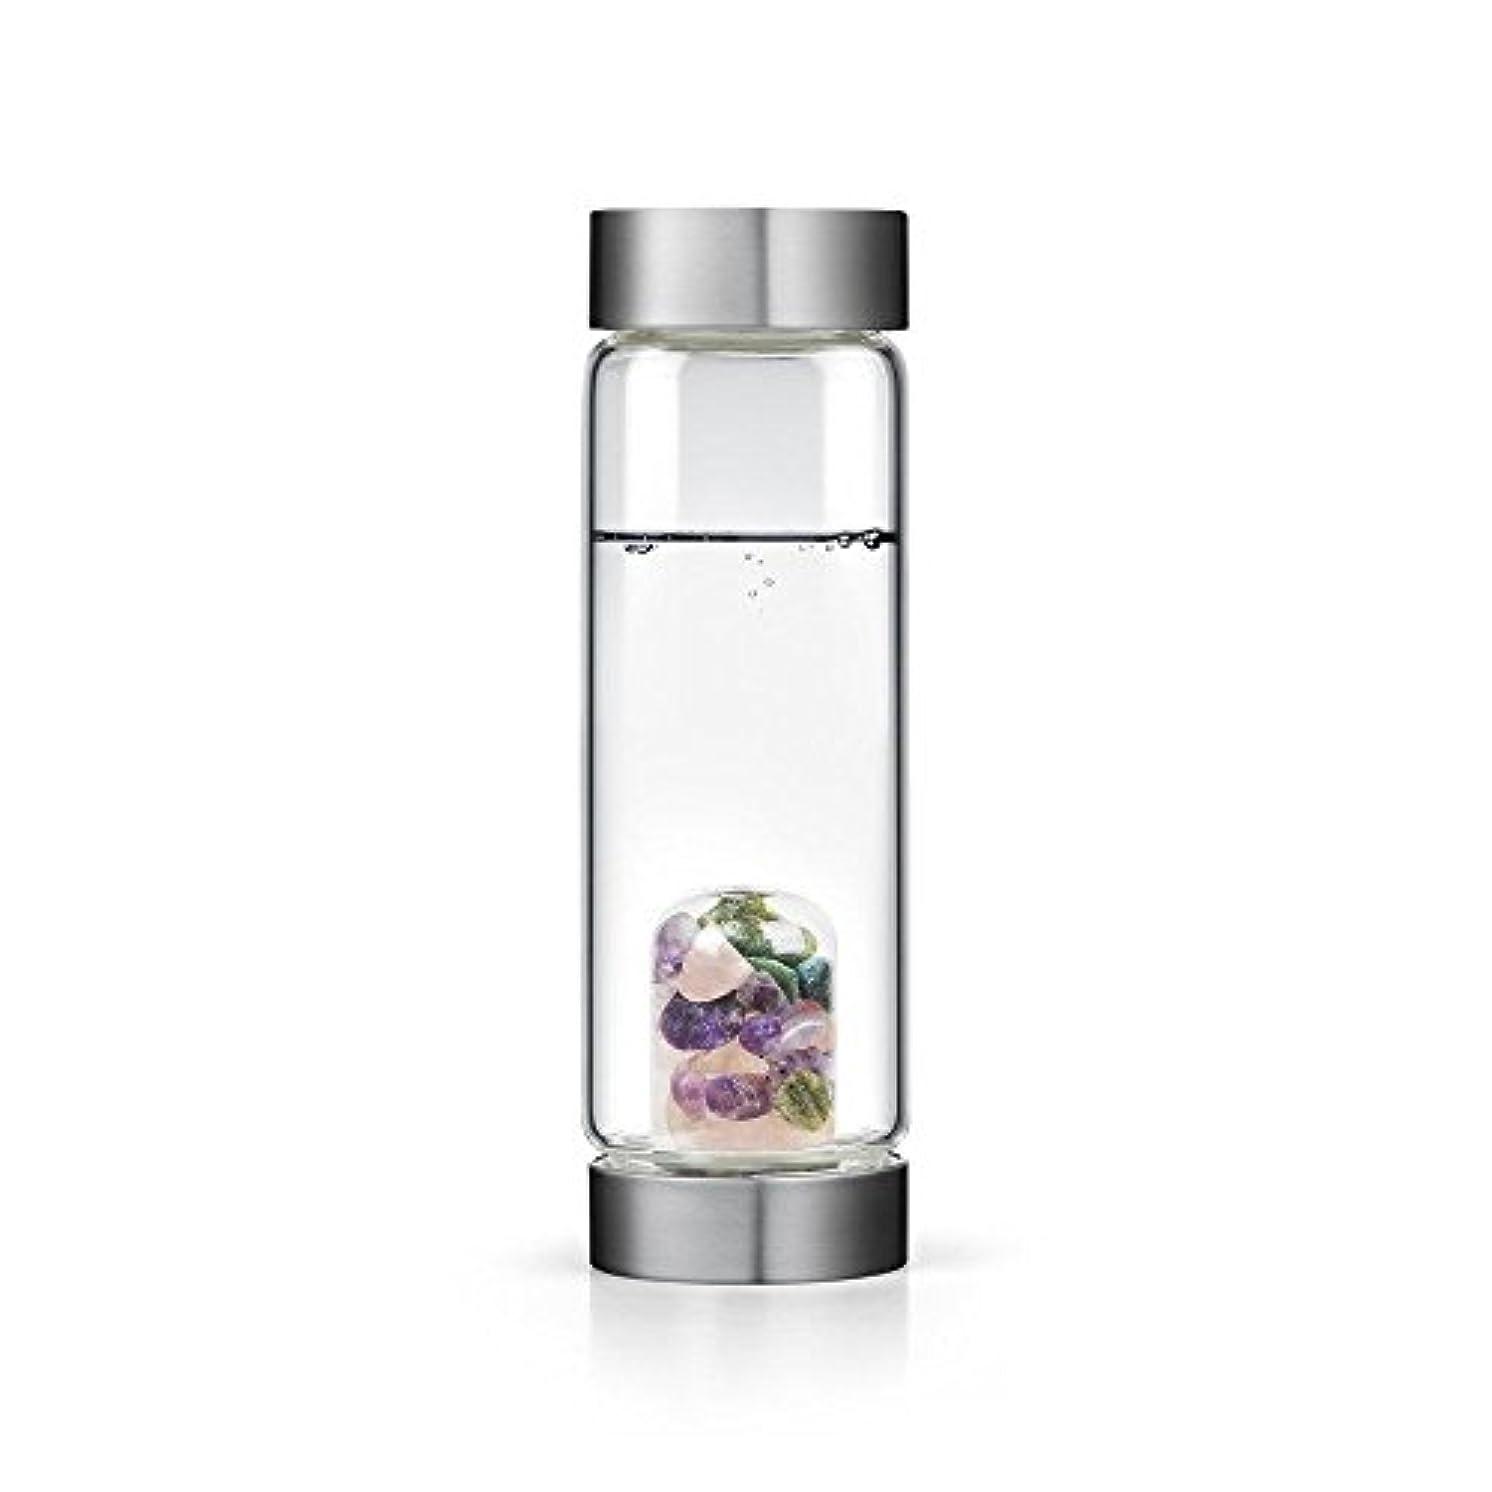 いっぱいメロディアス飛行場Beauty gem-waterボトルby VitaJuwel W / Freeカリフォルニアホワイトセージバンドル 16.9 fl oz